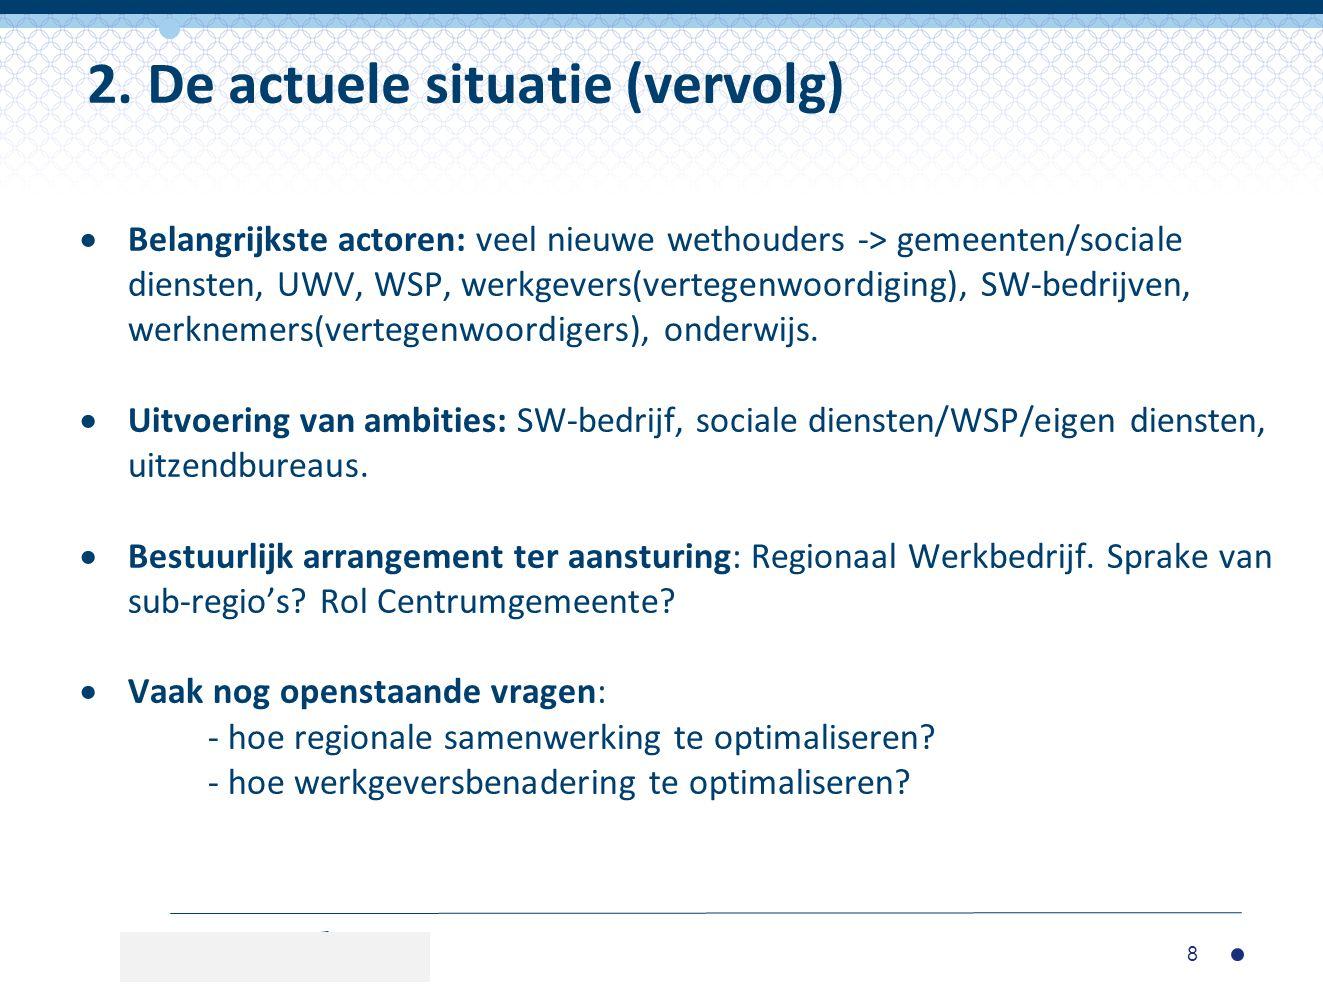  Belangrijkste actoren: veel nieuwe wethouders -> gemeenten/sociale diensten, UWV, WSP, werkgevers(vertegenwoordiging), SW-bedrijven, werknemers(vert